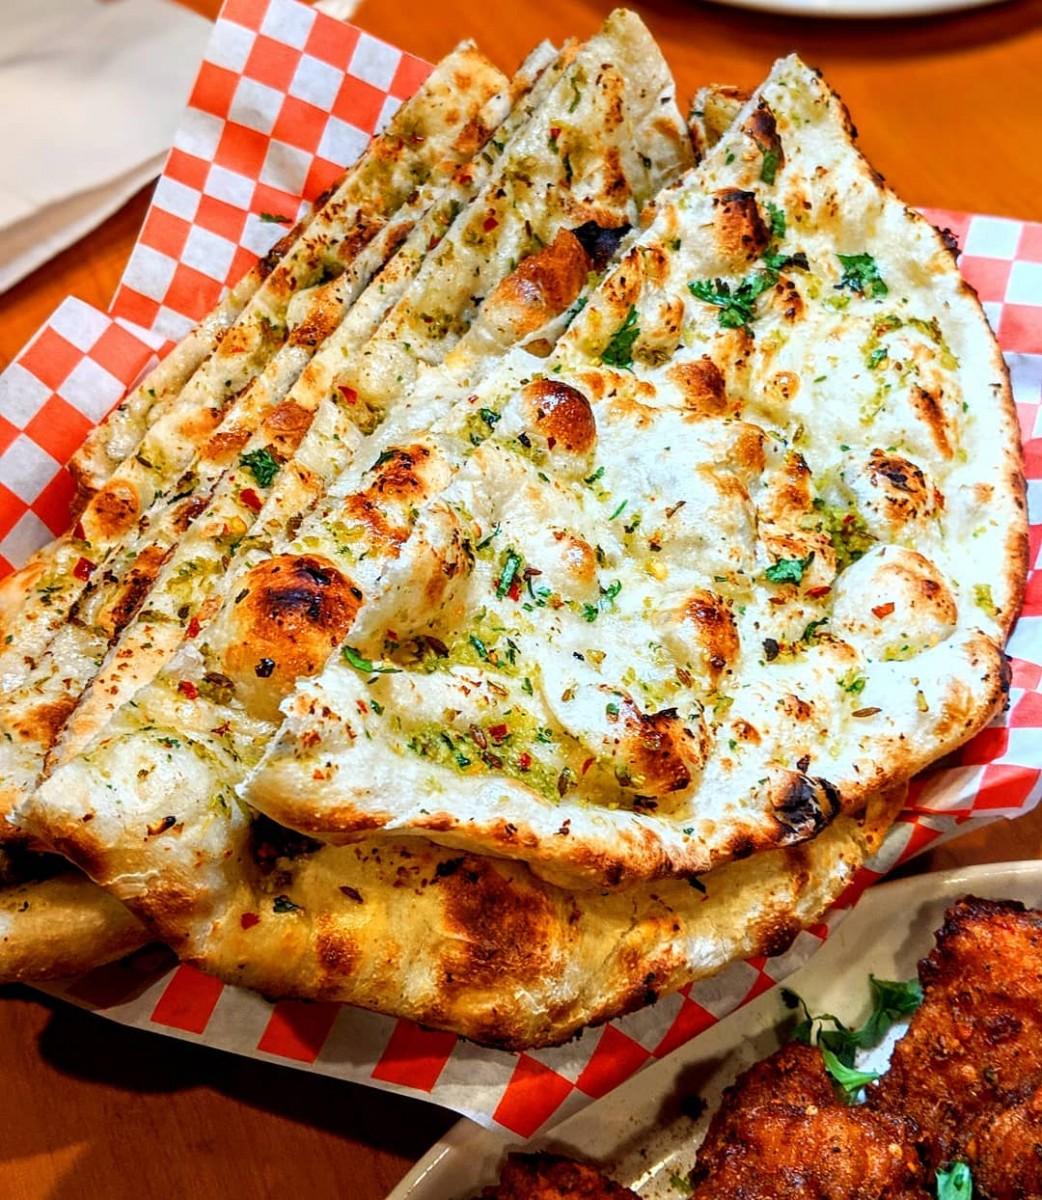 Karahi Point garlic-naan 12 Best Dishes to Eat When You're at Karahi Point (Part 1) Food  toronto pakistani seekh kebab palak paneer pakora nihari naan lahori fried fish kebaba karahi point karahi chicken tikka chicken karahi butter chicken biryani